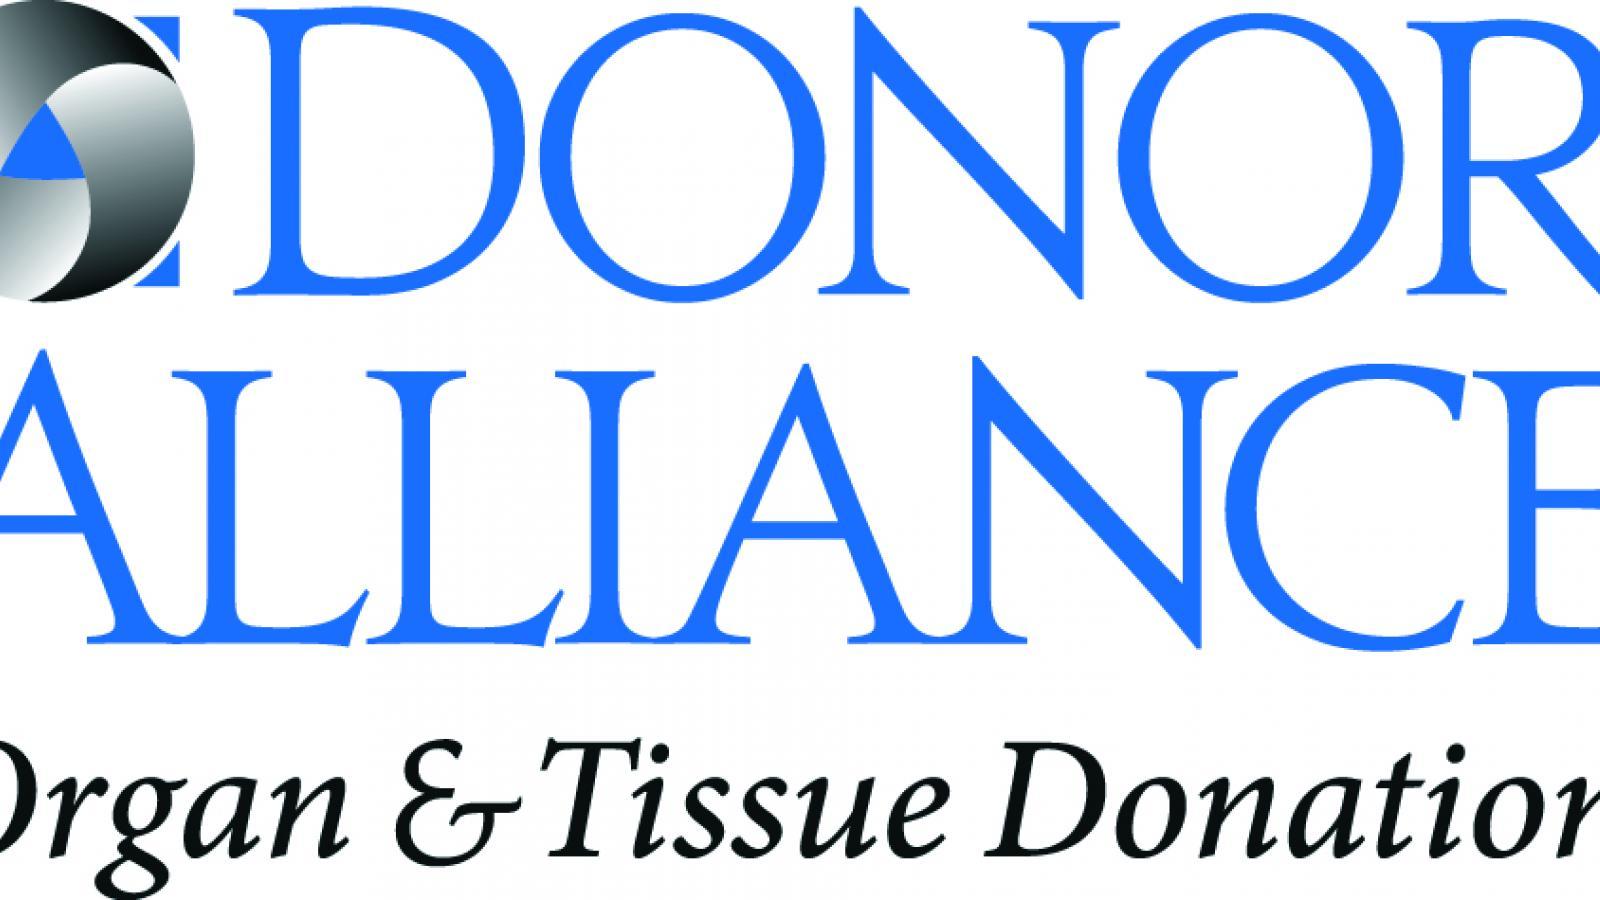 donar alliance logo